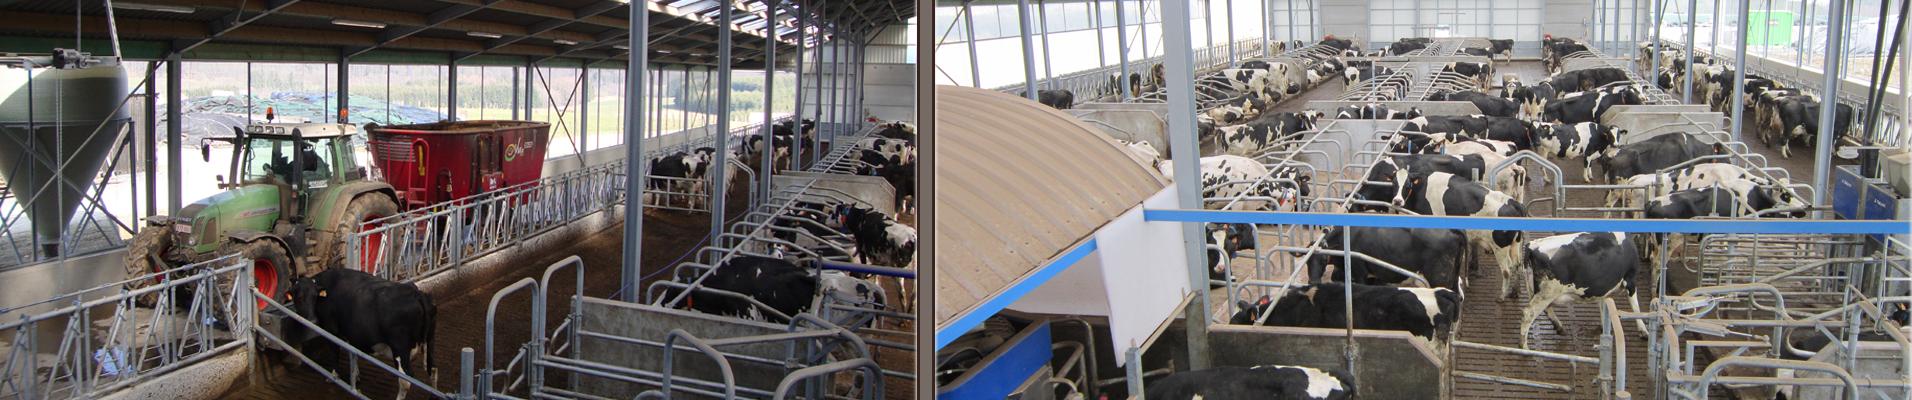 Robotstal bio melkveebedrijf